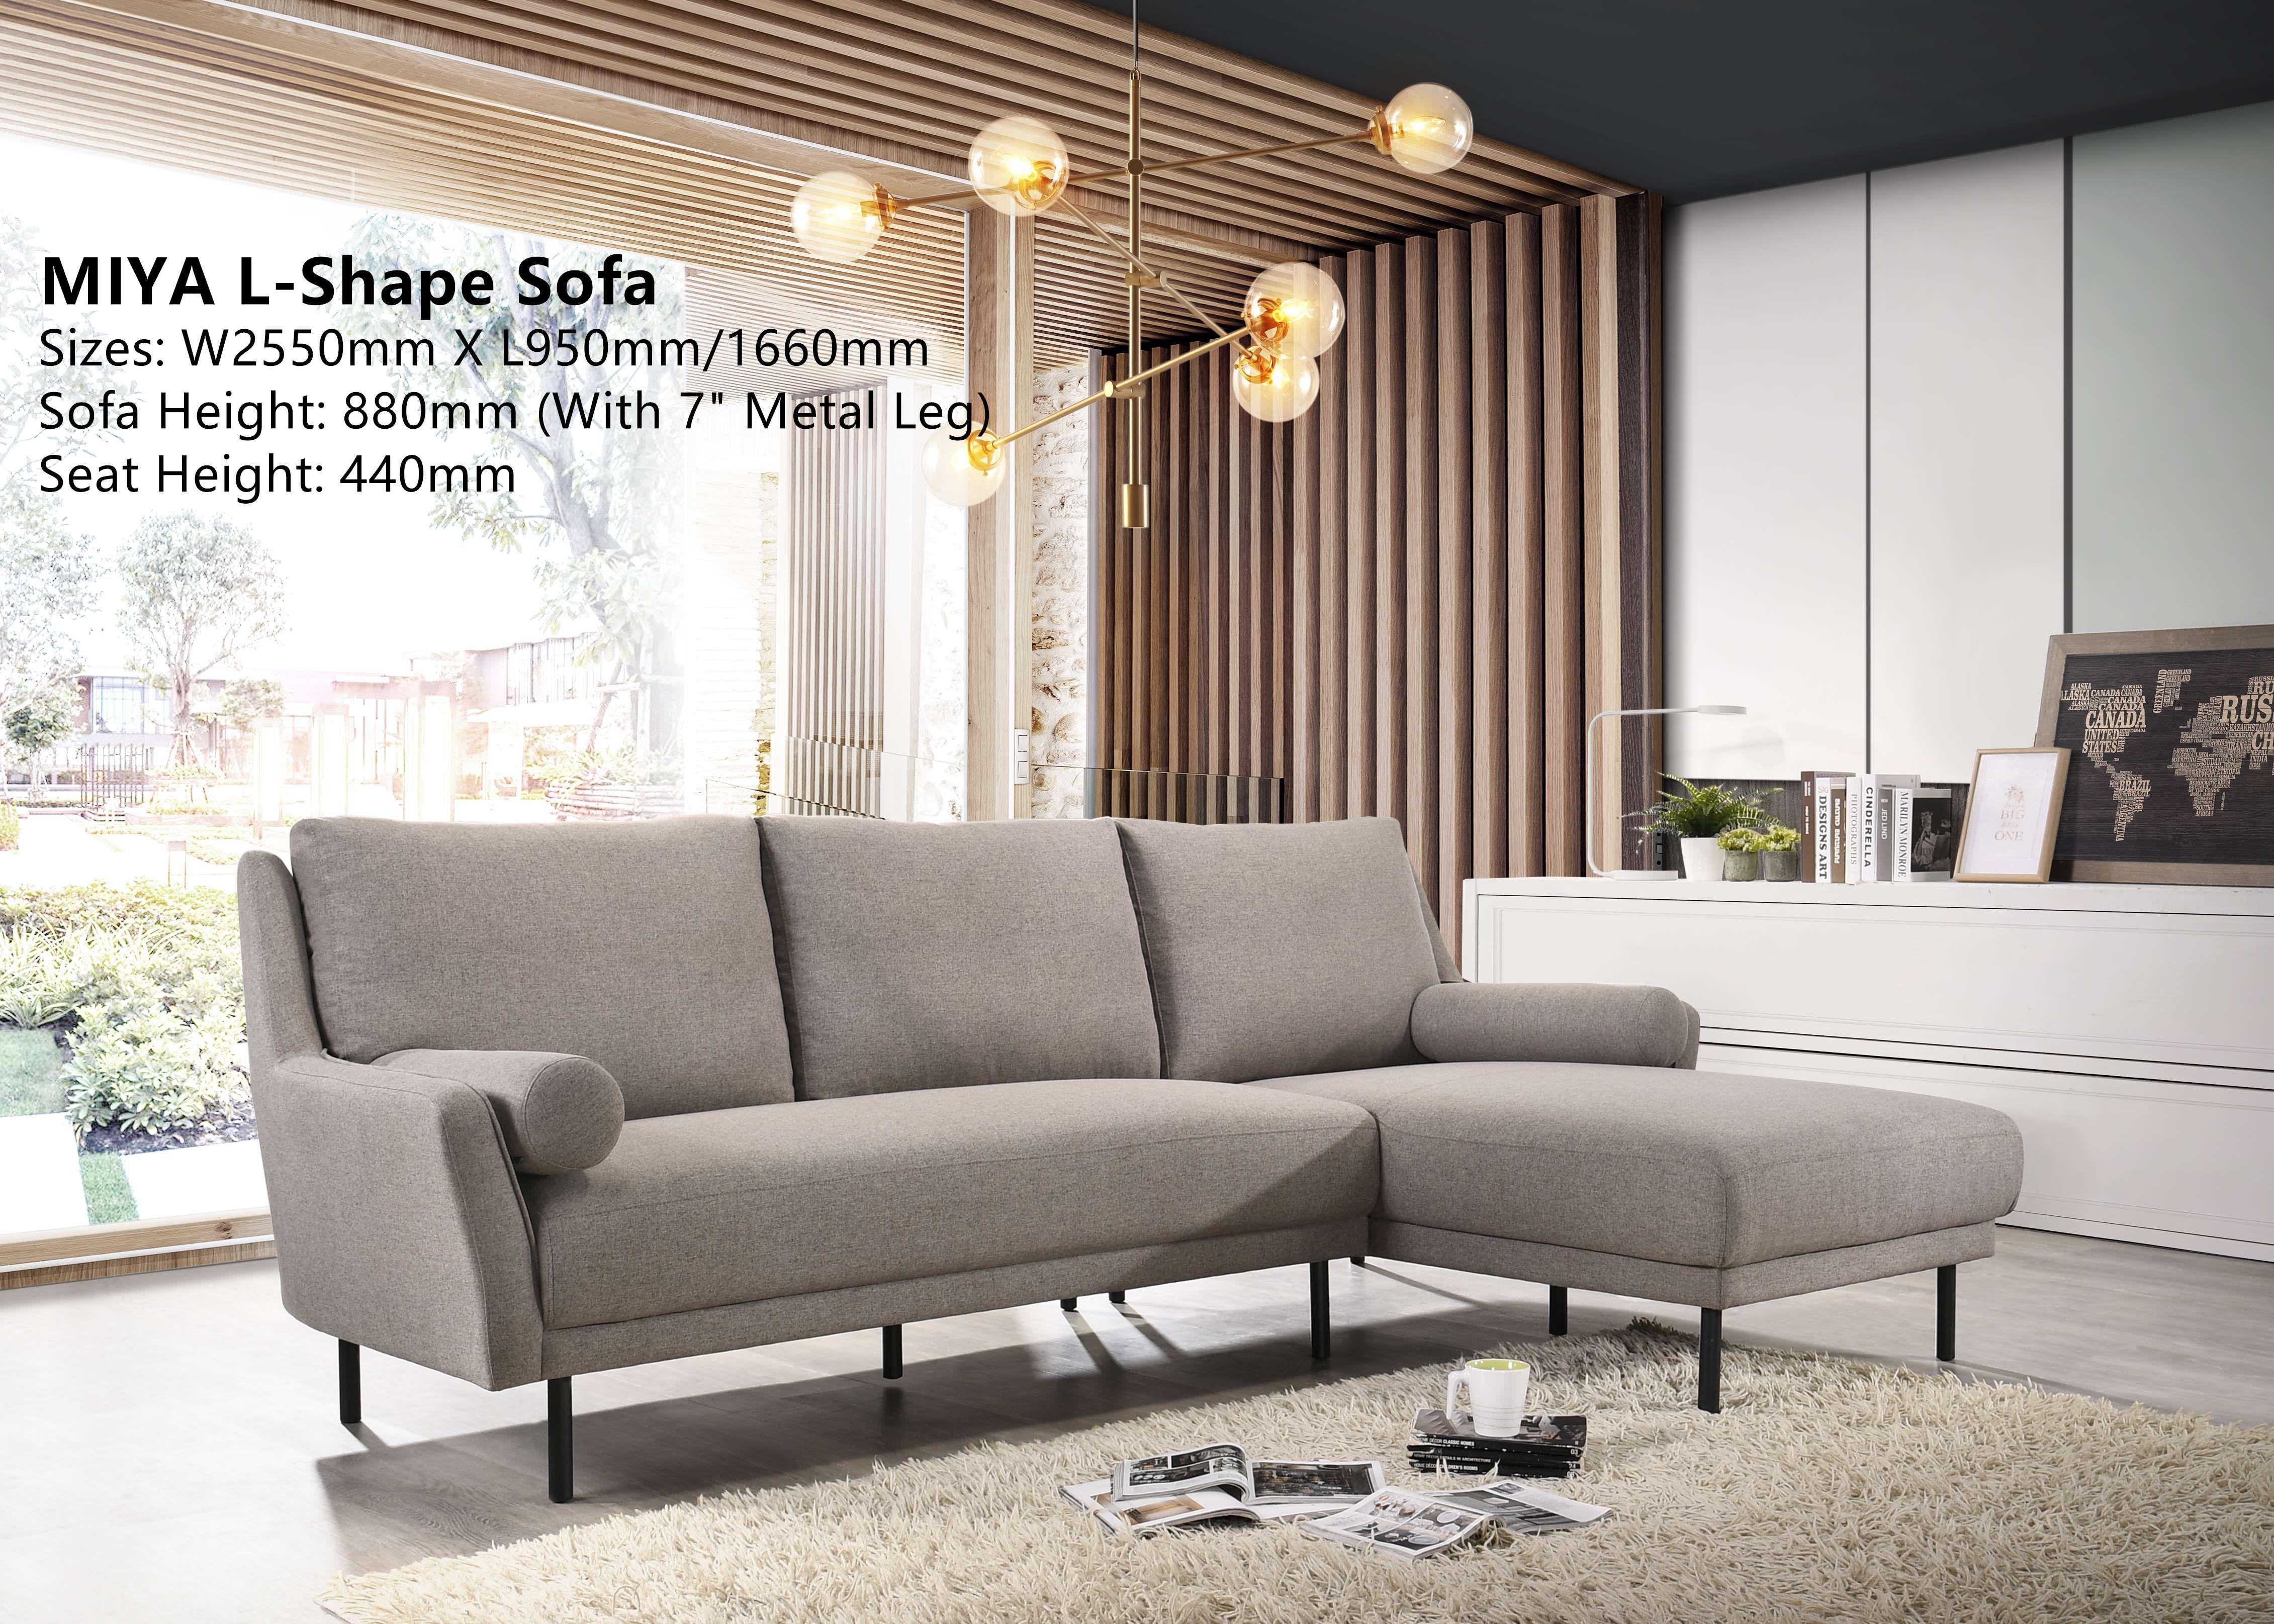 Miya L Shaped Faric Sofa Furnituredirect Com My In 2020 L Shaped Sofa Wood Sofa Retail Furniture